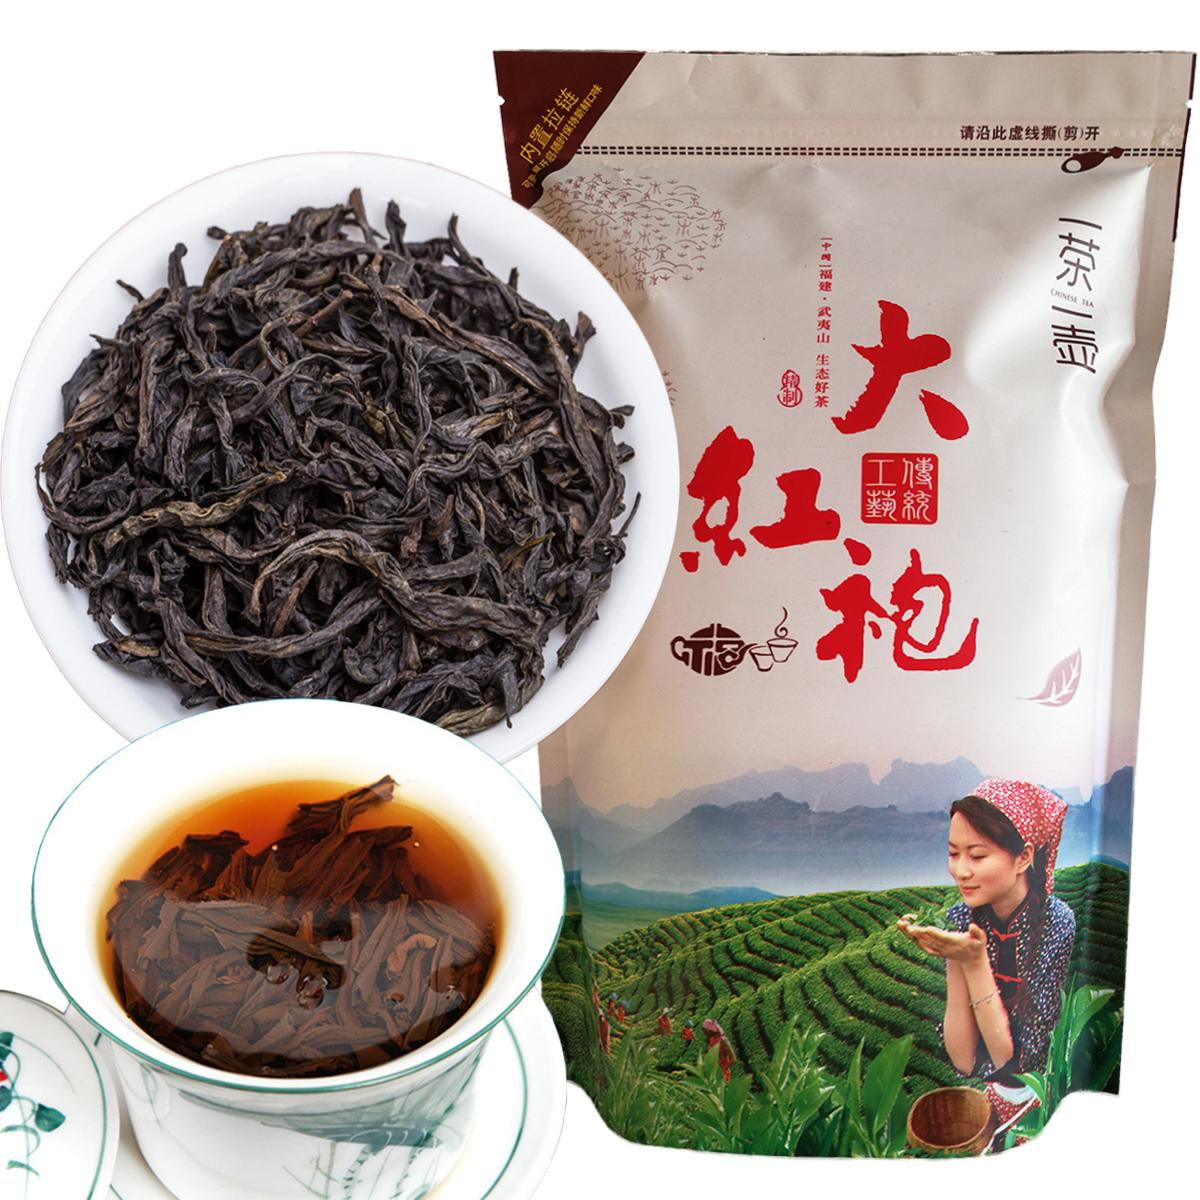 250g Yeni Çin Organik Siyah Çay Big Red Robe Oolong Çay Sağlık Pişmiş Çay Yeşil Gıda Tercihi